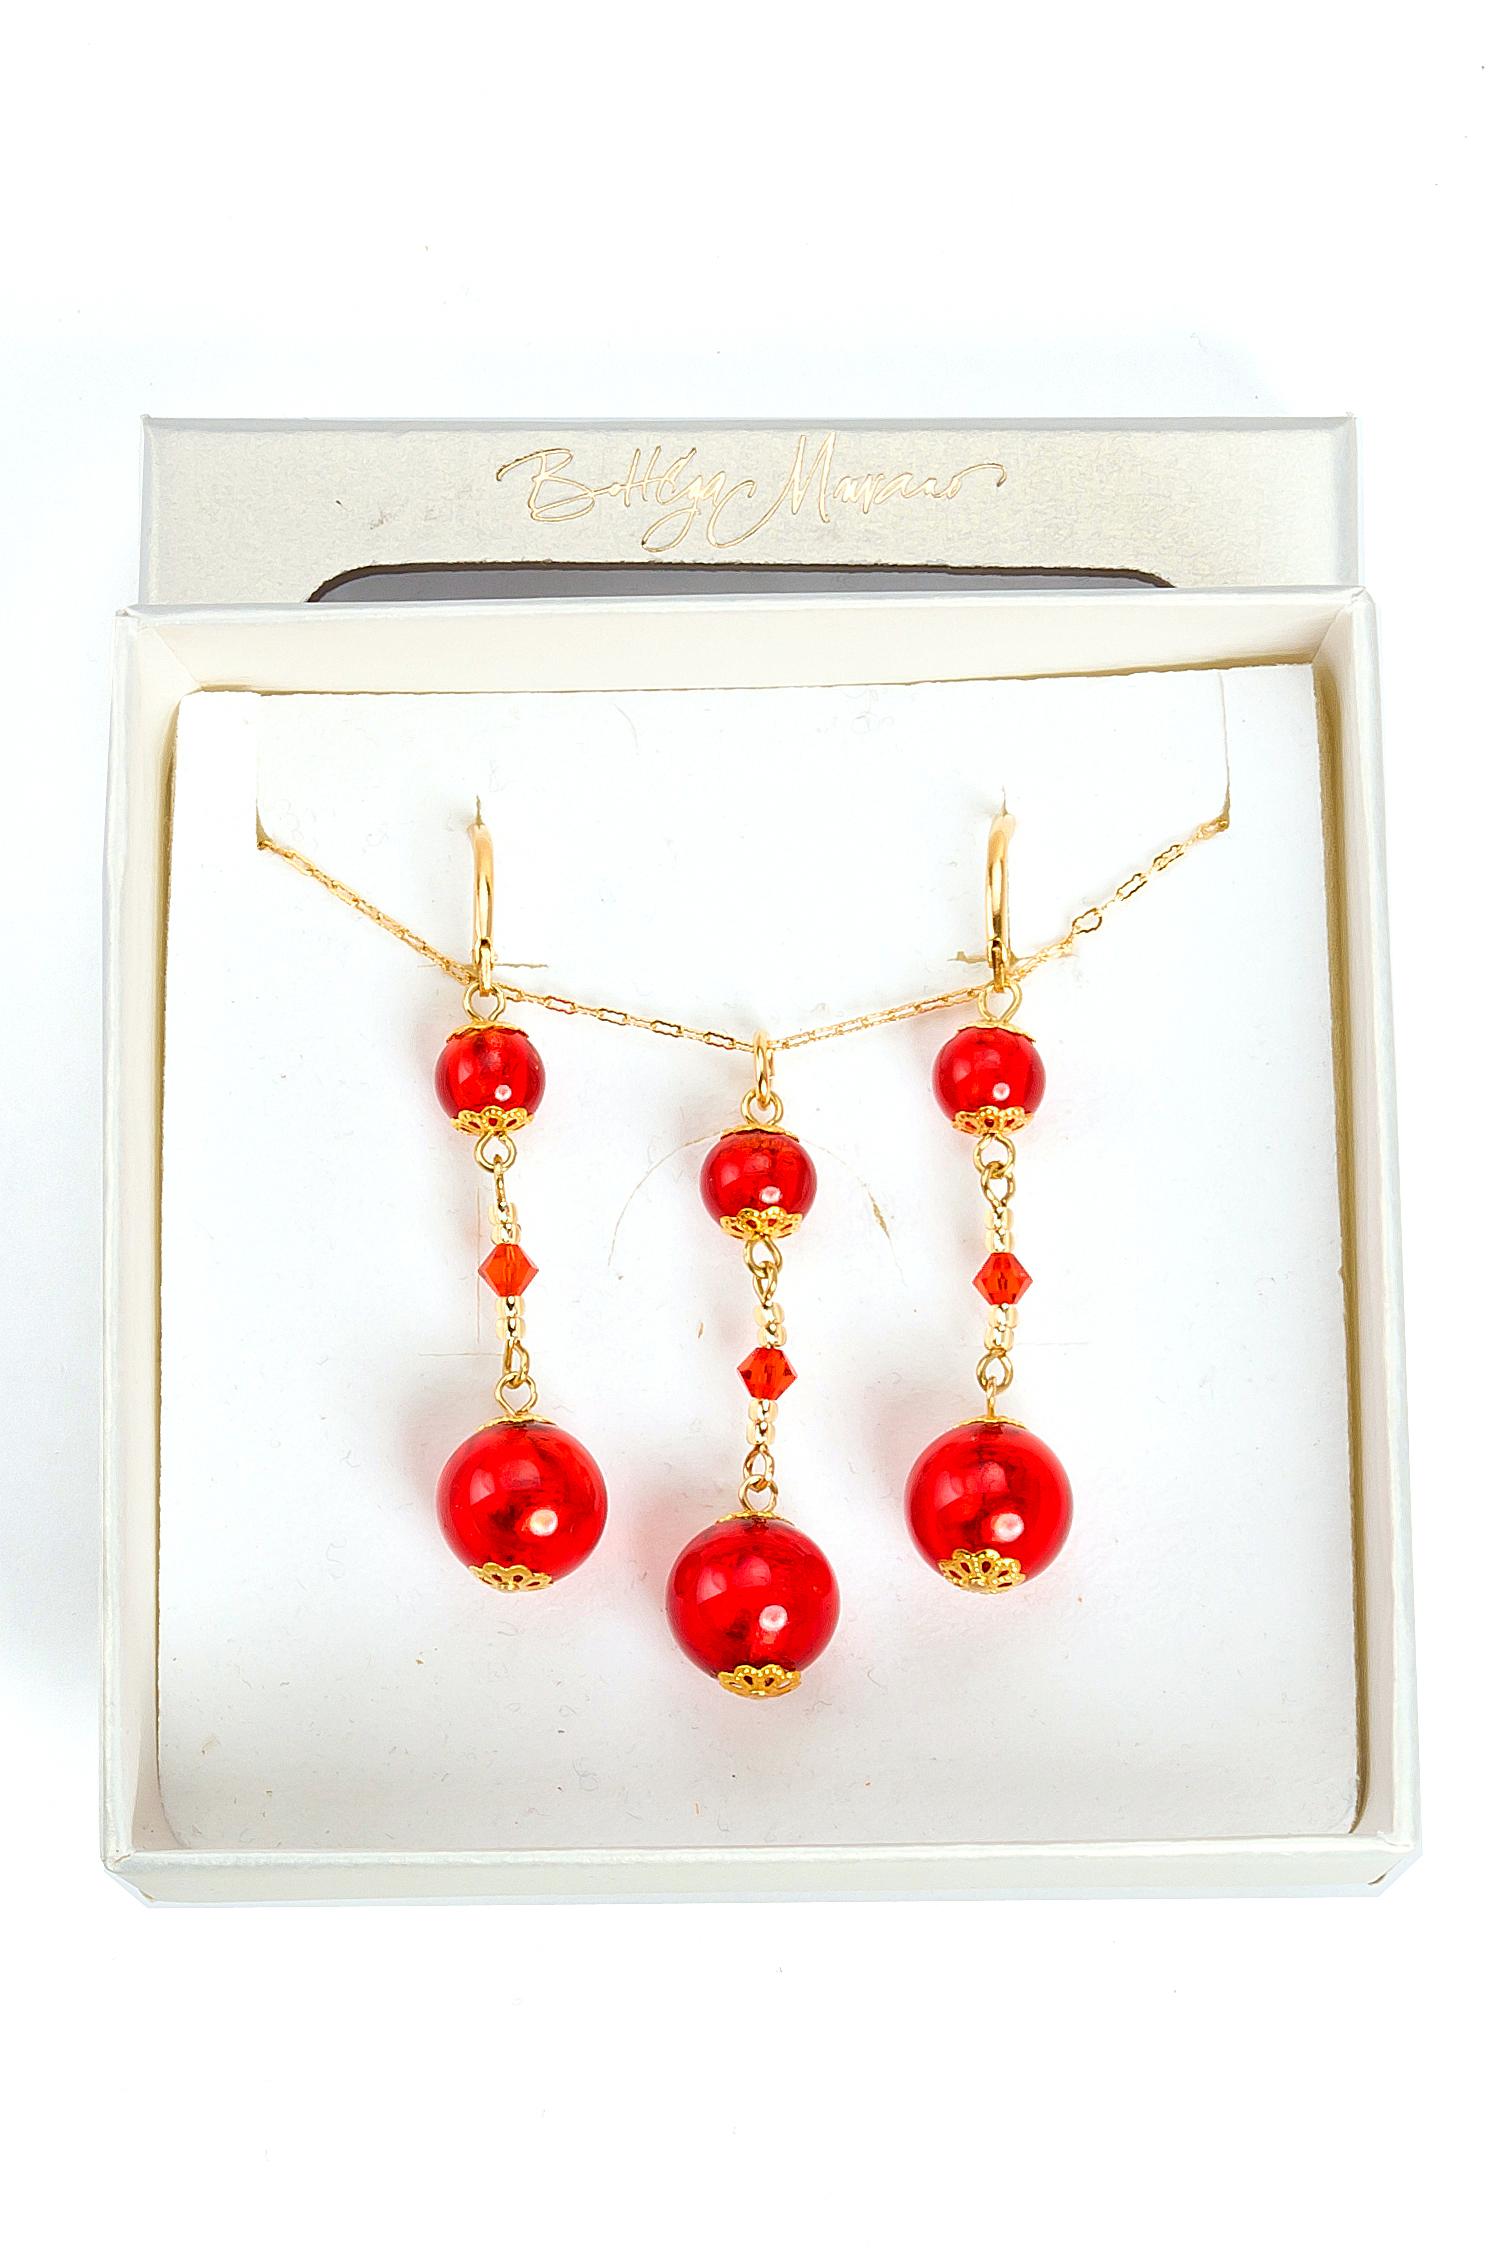 цена на Комплект бижутерии Bottega Murano 09010157-1 072O, Муранское стекло, красный